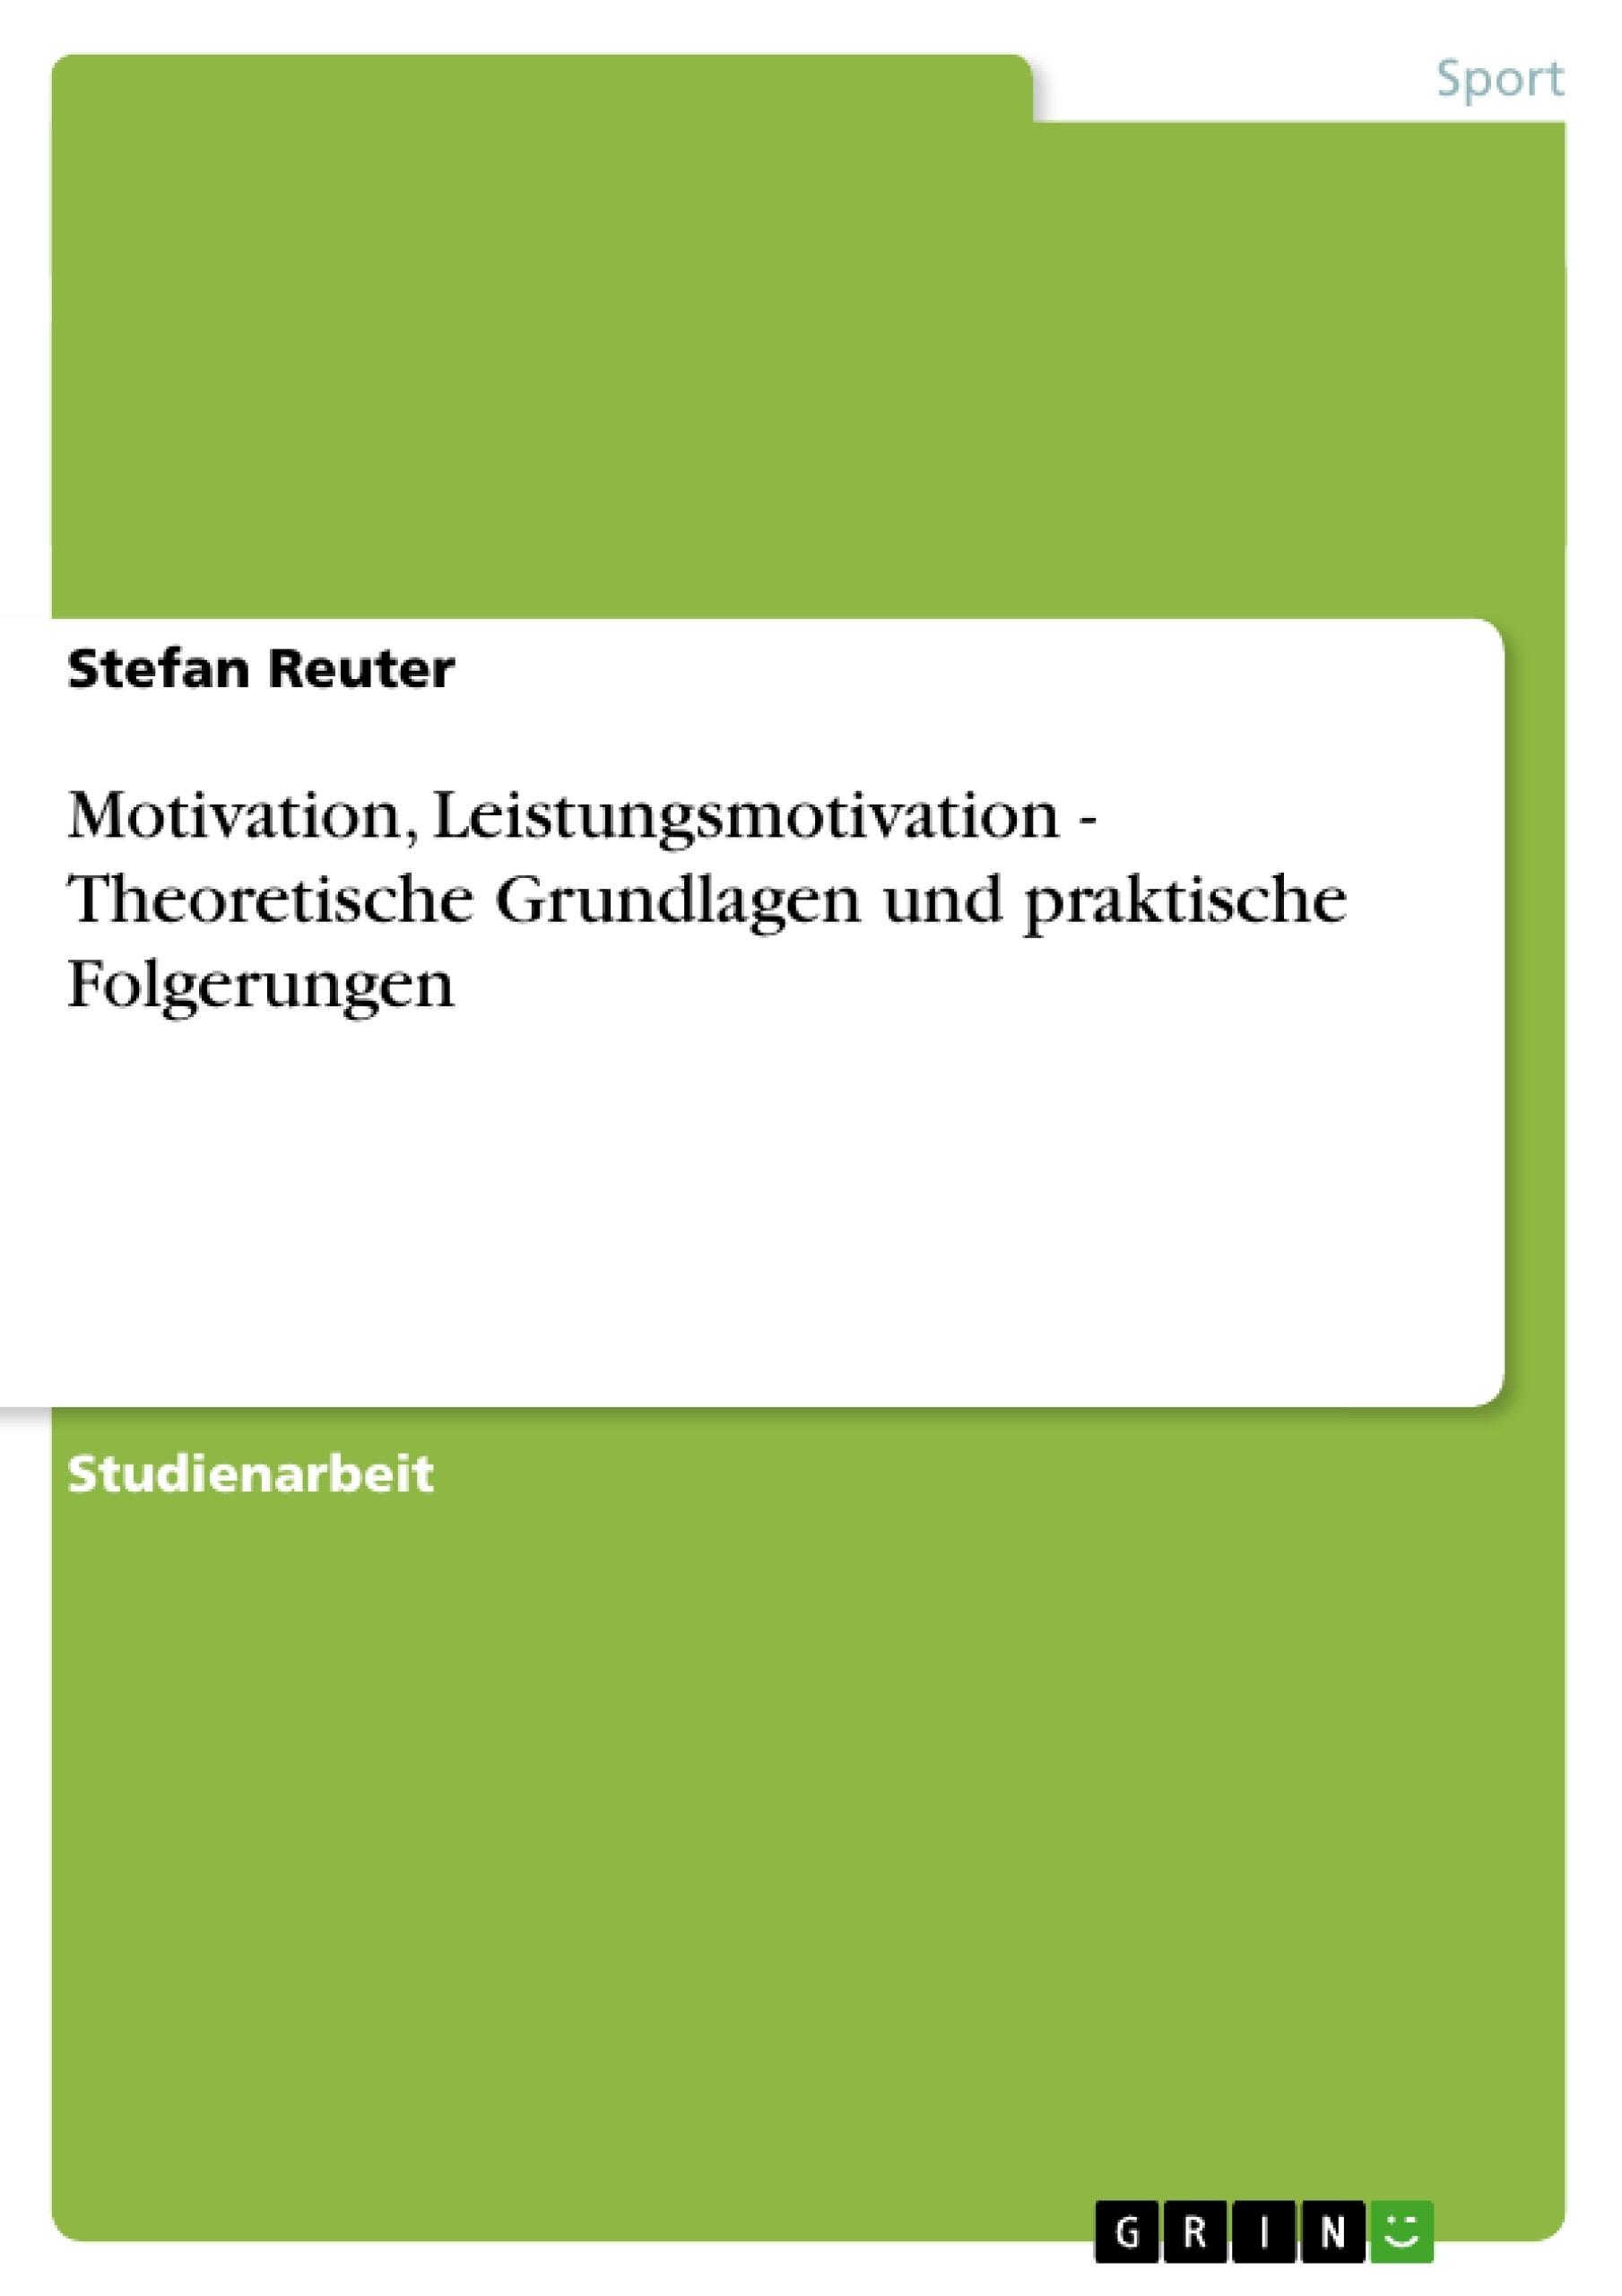 Titel: Motivation, Leistungsmotivation - Theoretische Grundlagen und praktische Folgerungen